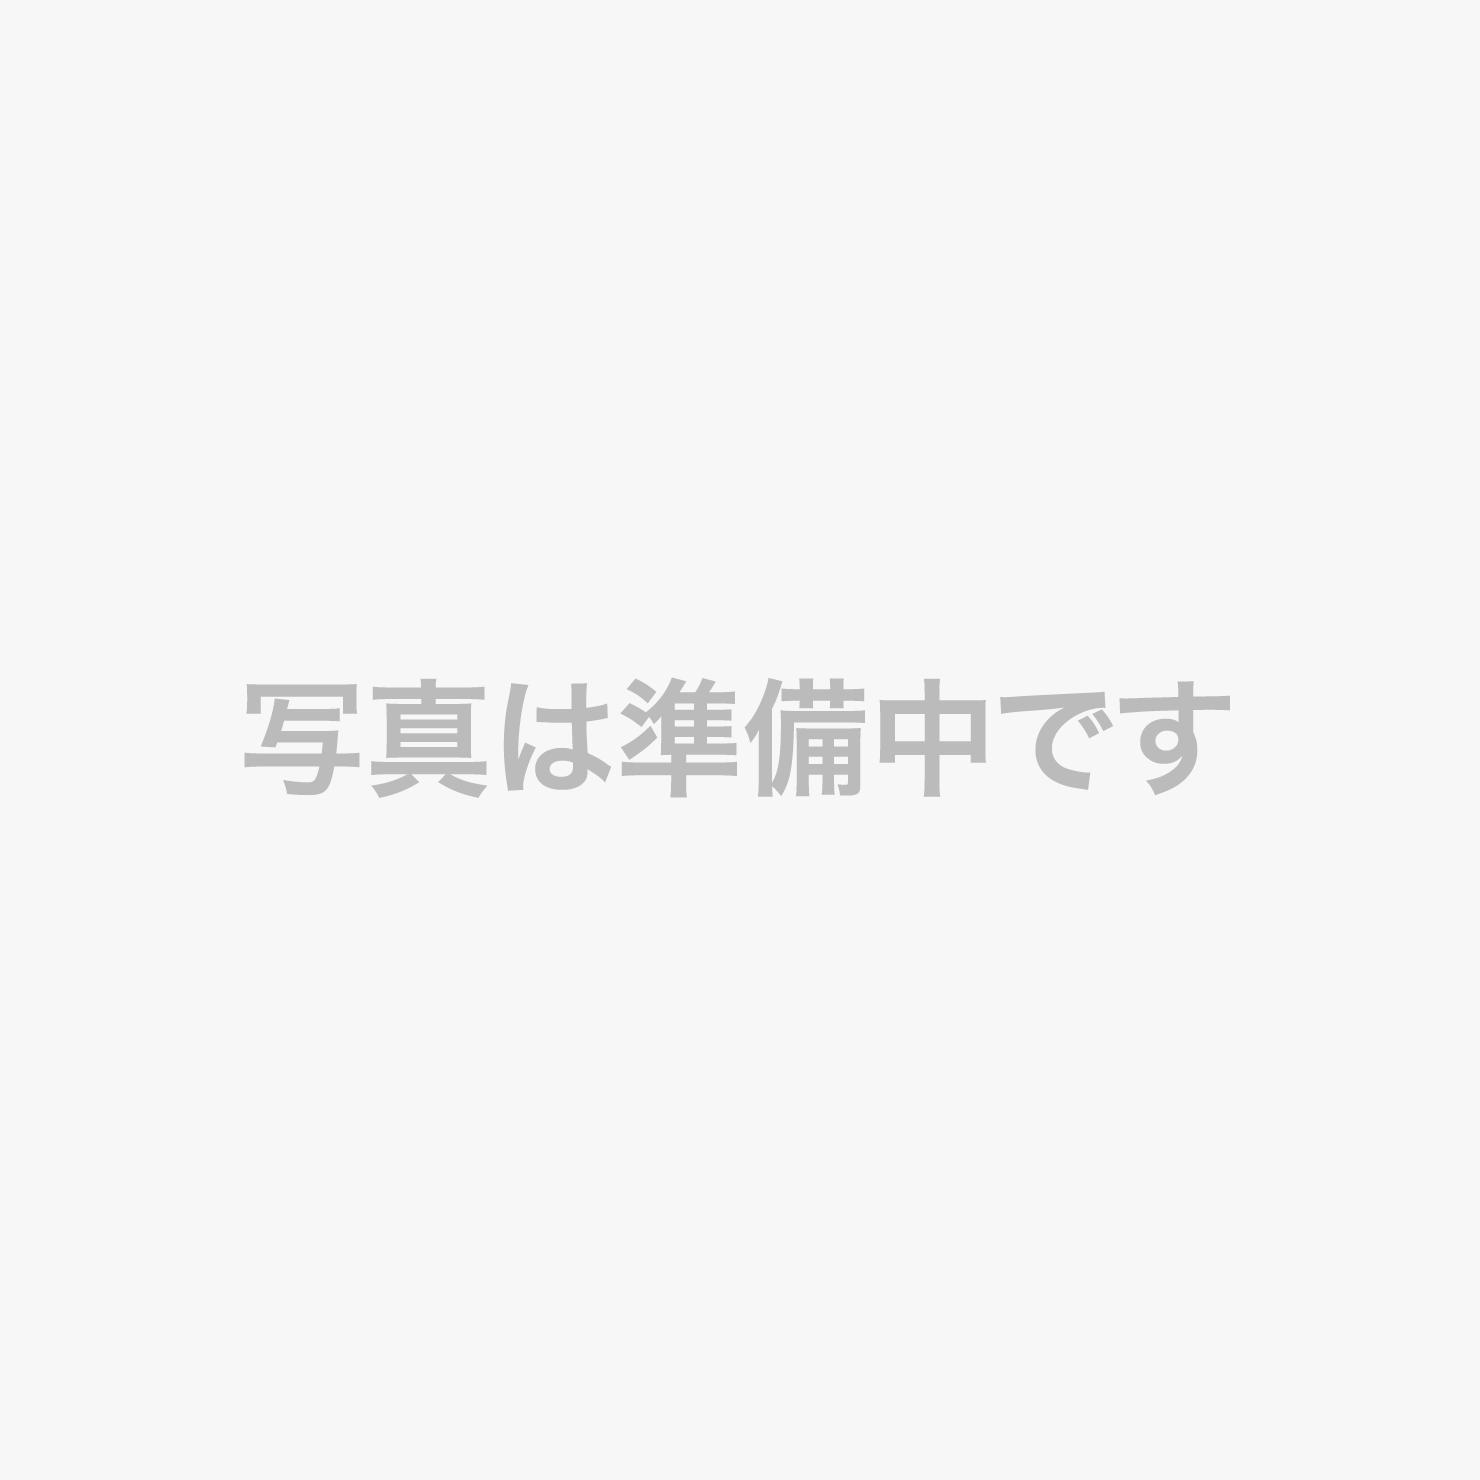 """■特別室 -藤壷-■""""サウナ""""でたっぷりと汗をかいて、広いお部屋でリラックス♪"""